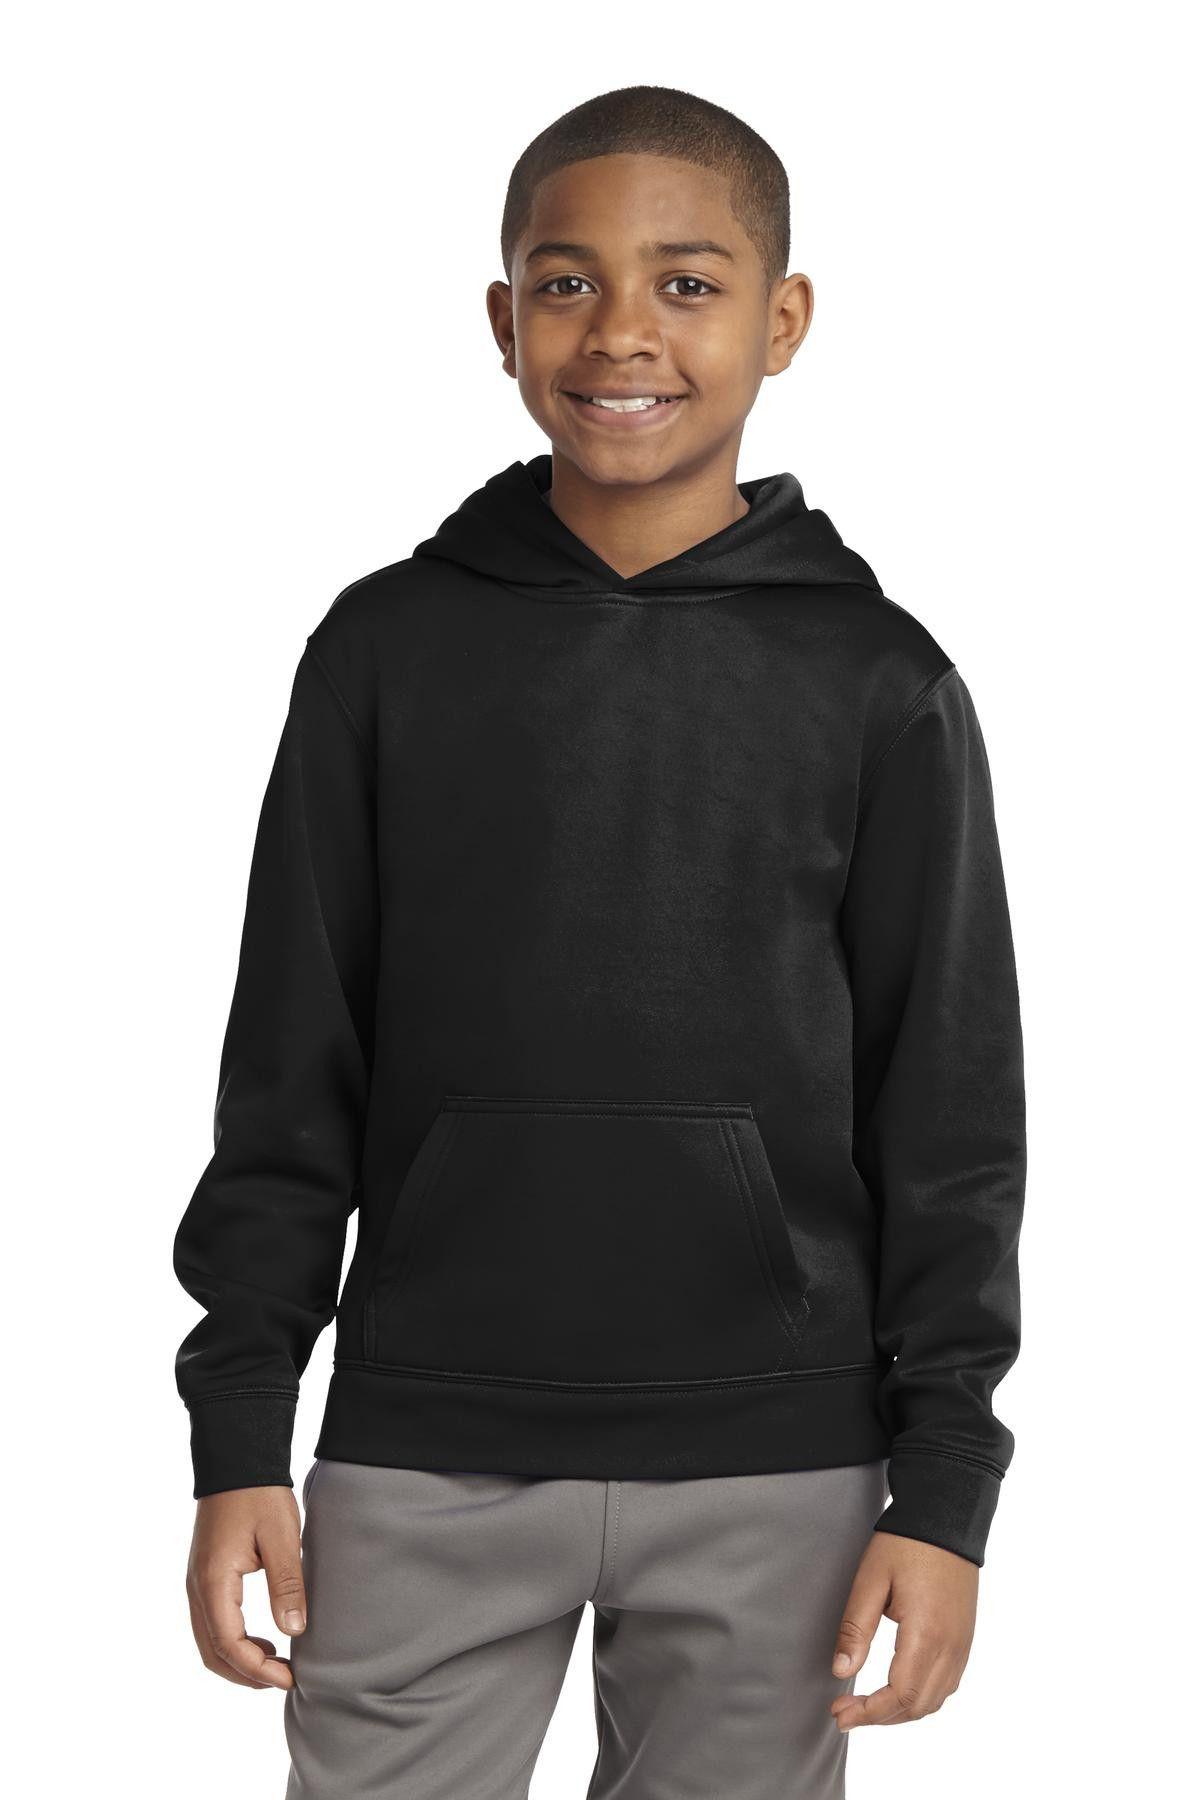 SportTek Youth SportWick Fleece Hooded Pullover. YST244